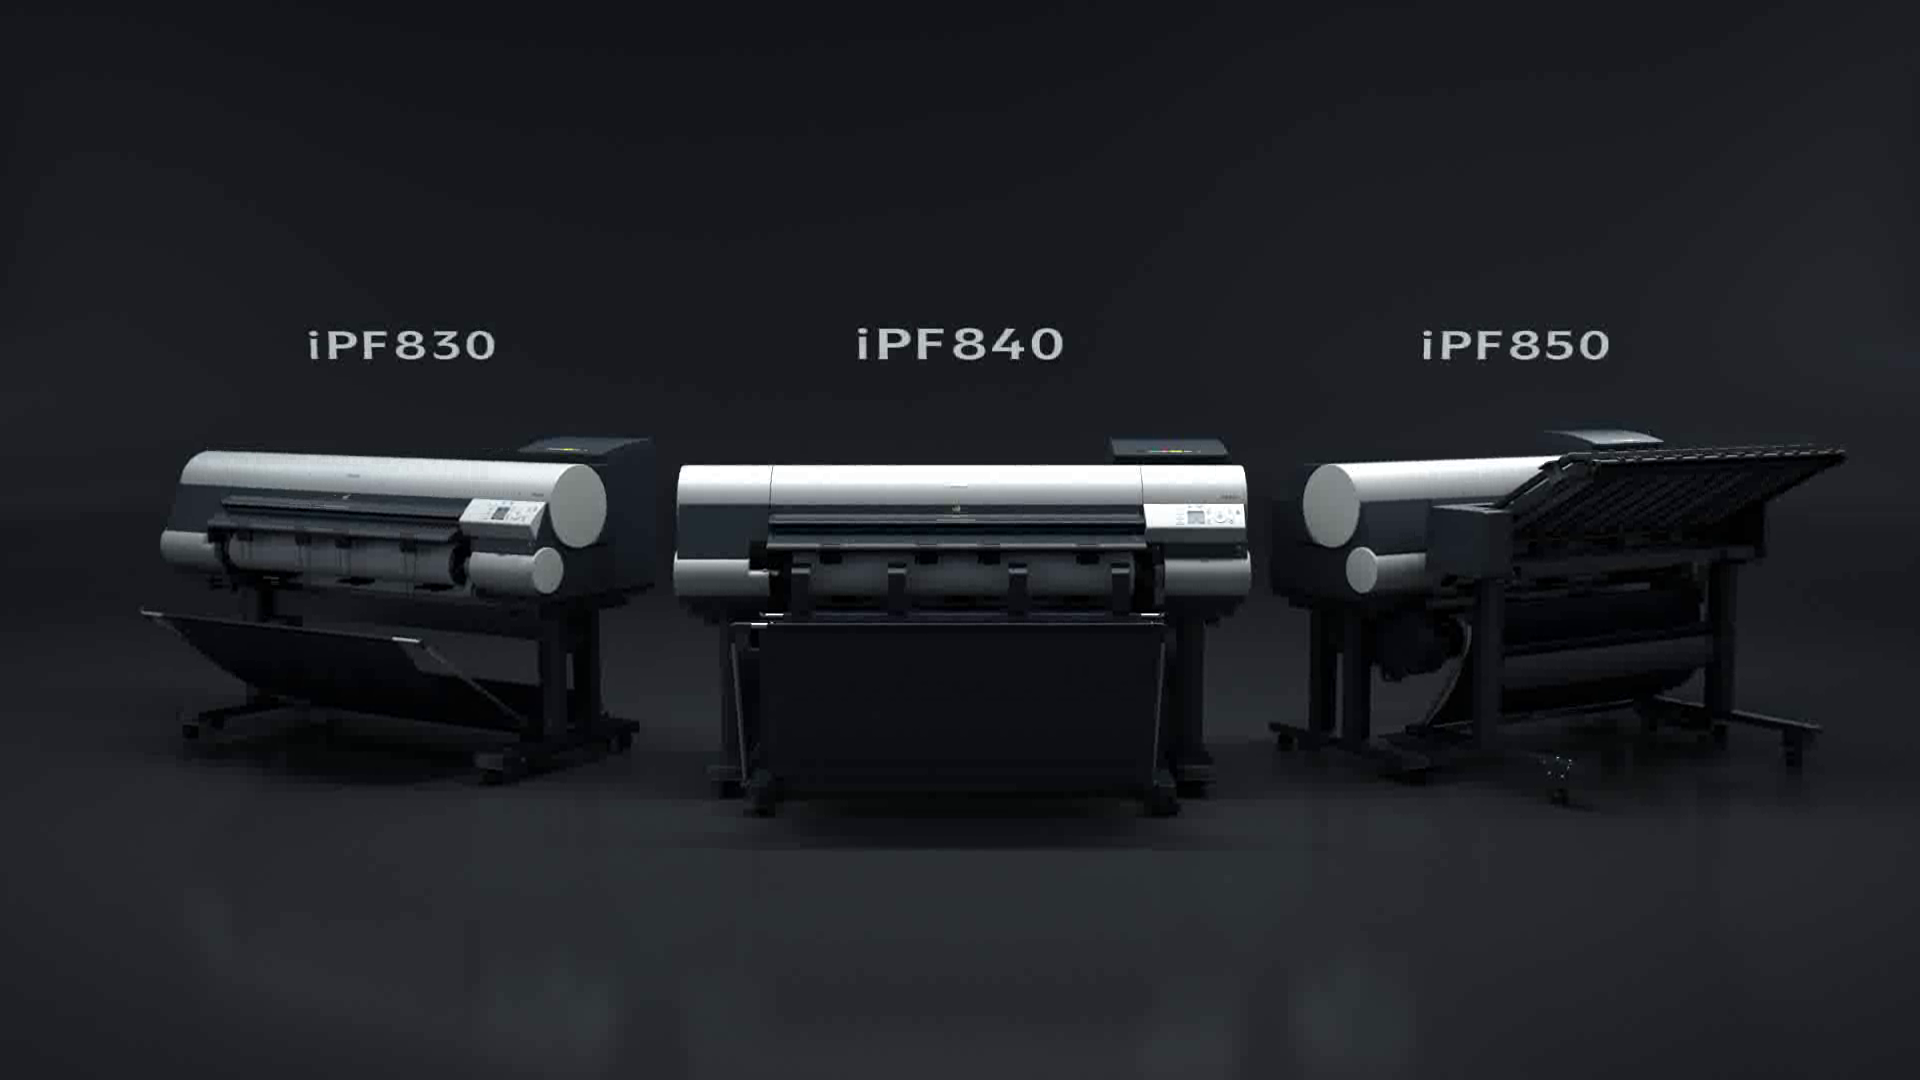 New iPF850 iPF840 iPF830 graphic